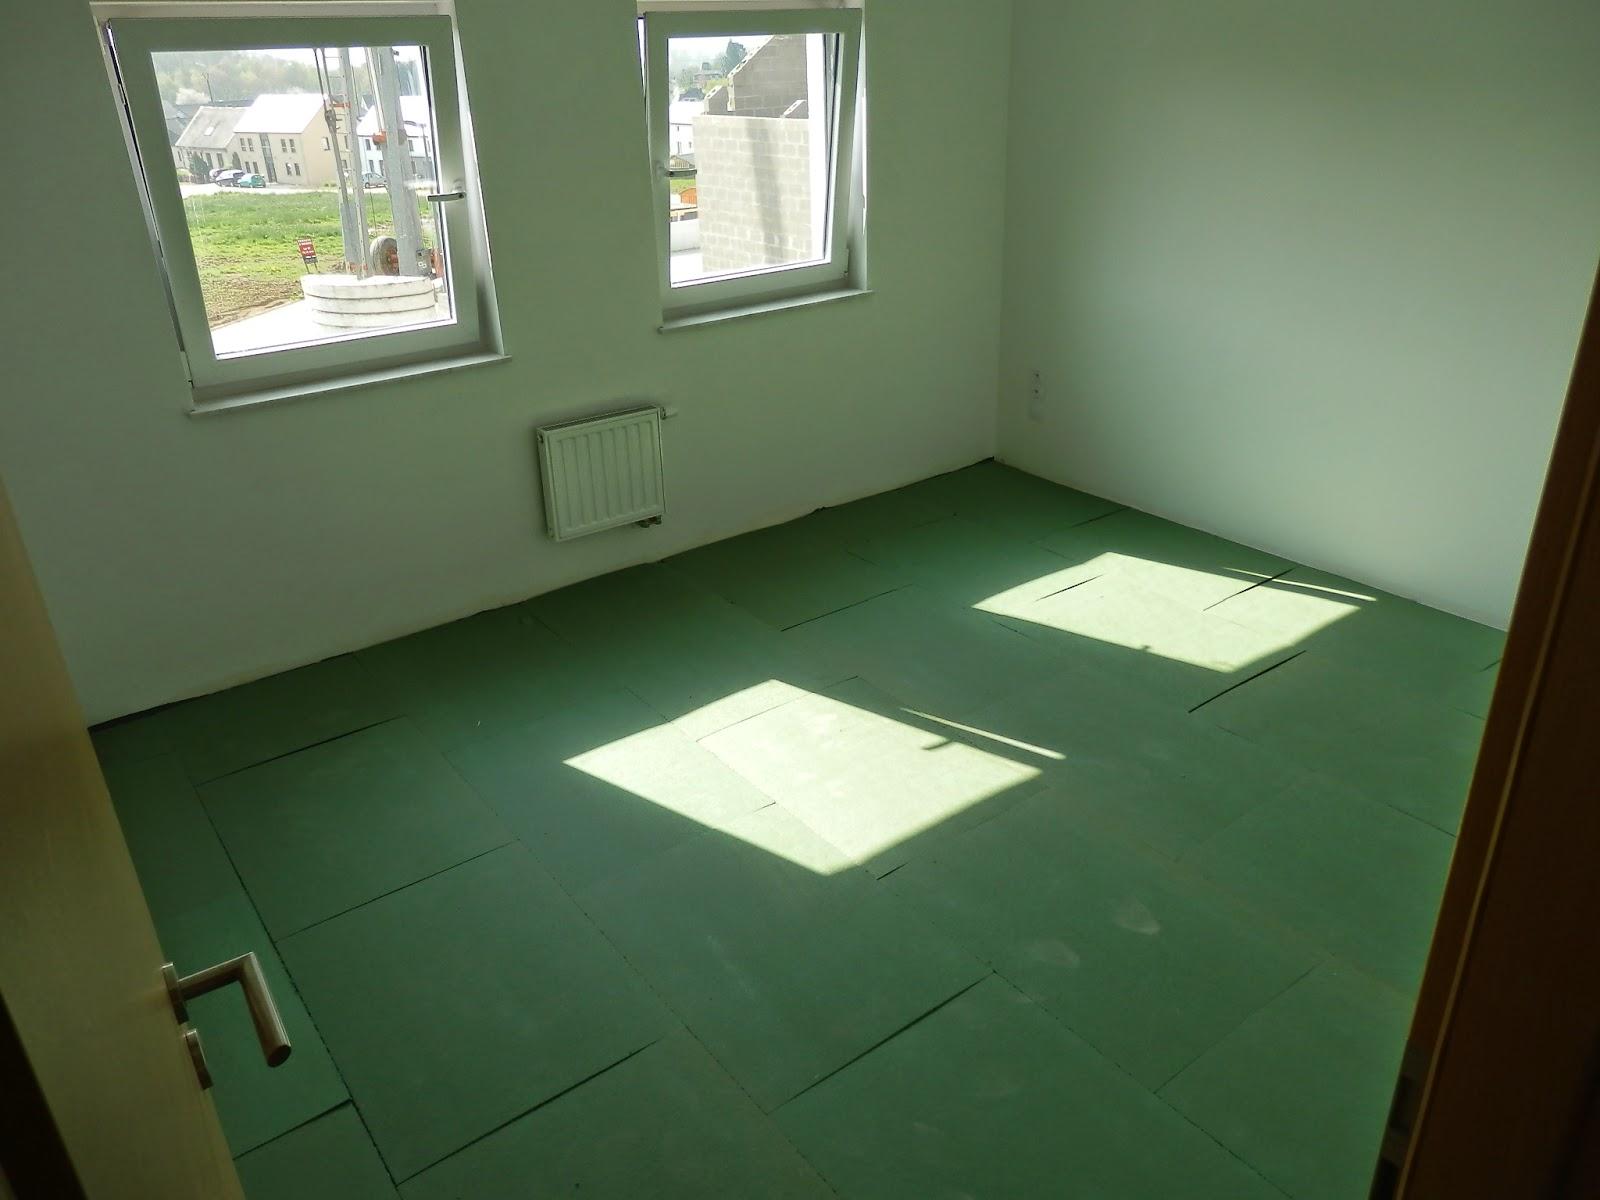 notre maison constuction avec t p pose du parquet 12 04 2014. Black Bedroom Furniture Sets. Home Design Ideas